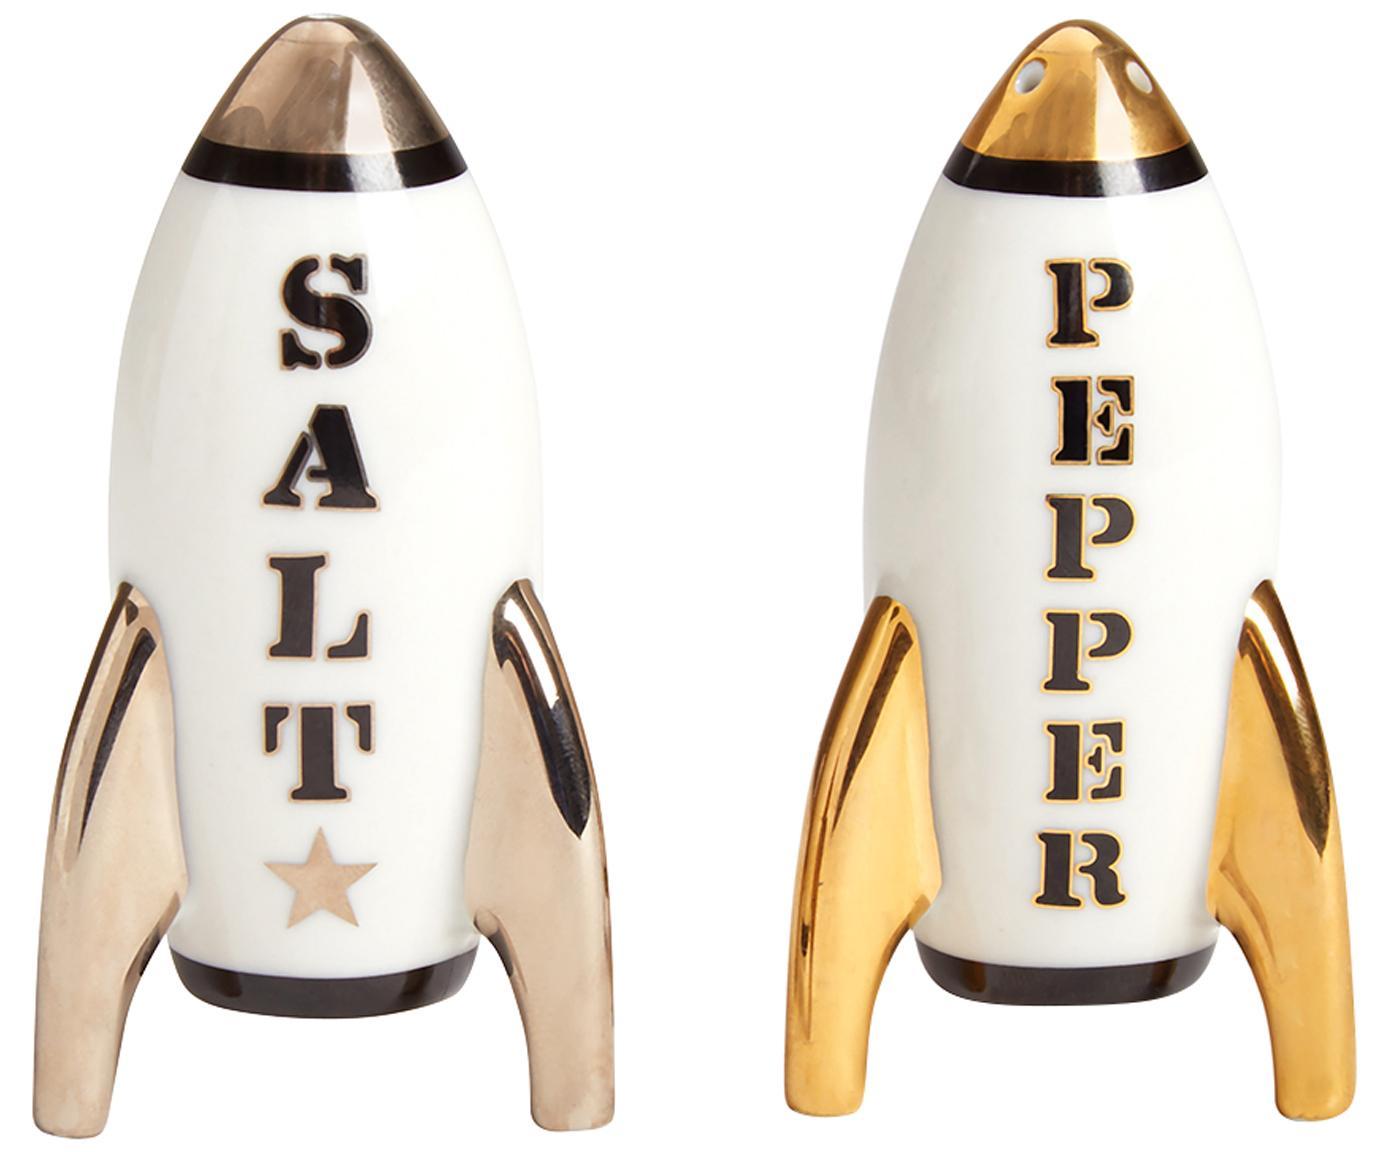 Designer Salz- und Pfefferstreuer Apollo,vergoldet, 2er-Set, Porzellan, 24 Karat teilvergoldet, Weiß, Silberfarben, Gold, 5 x 9 cm